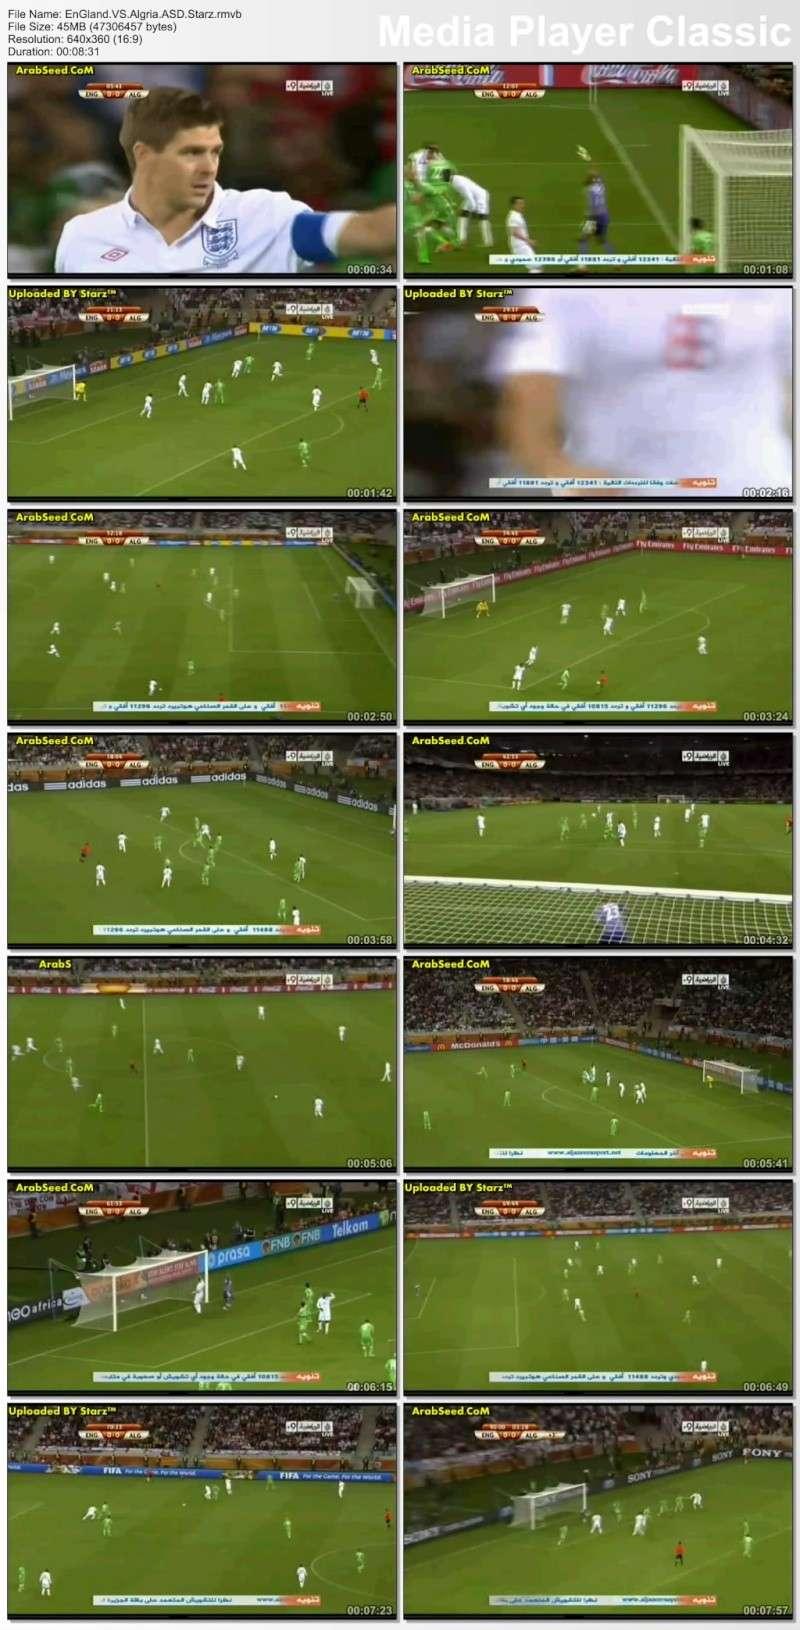 حصريا مياراة انجلترا والجزائر العالم 2010